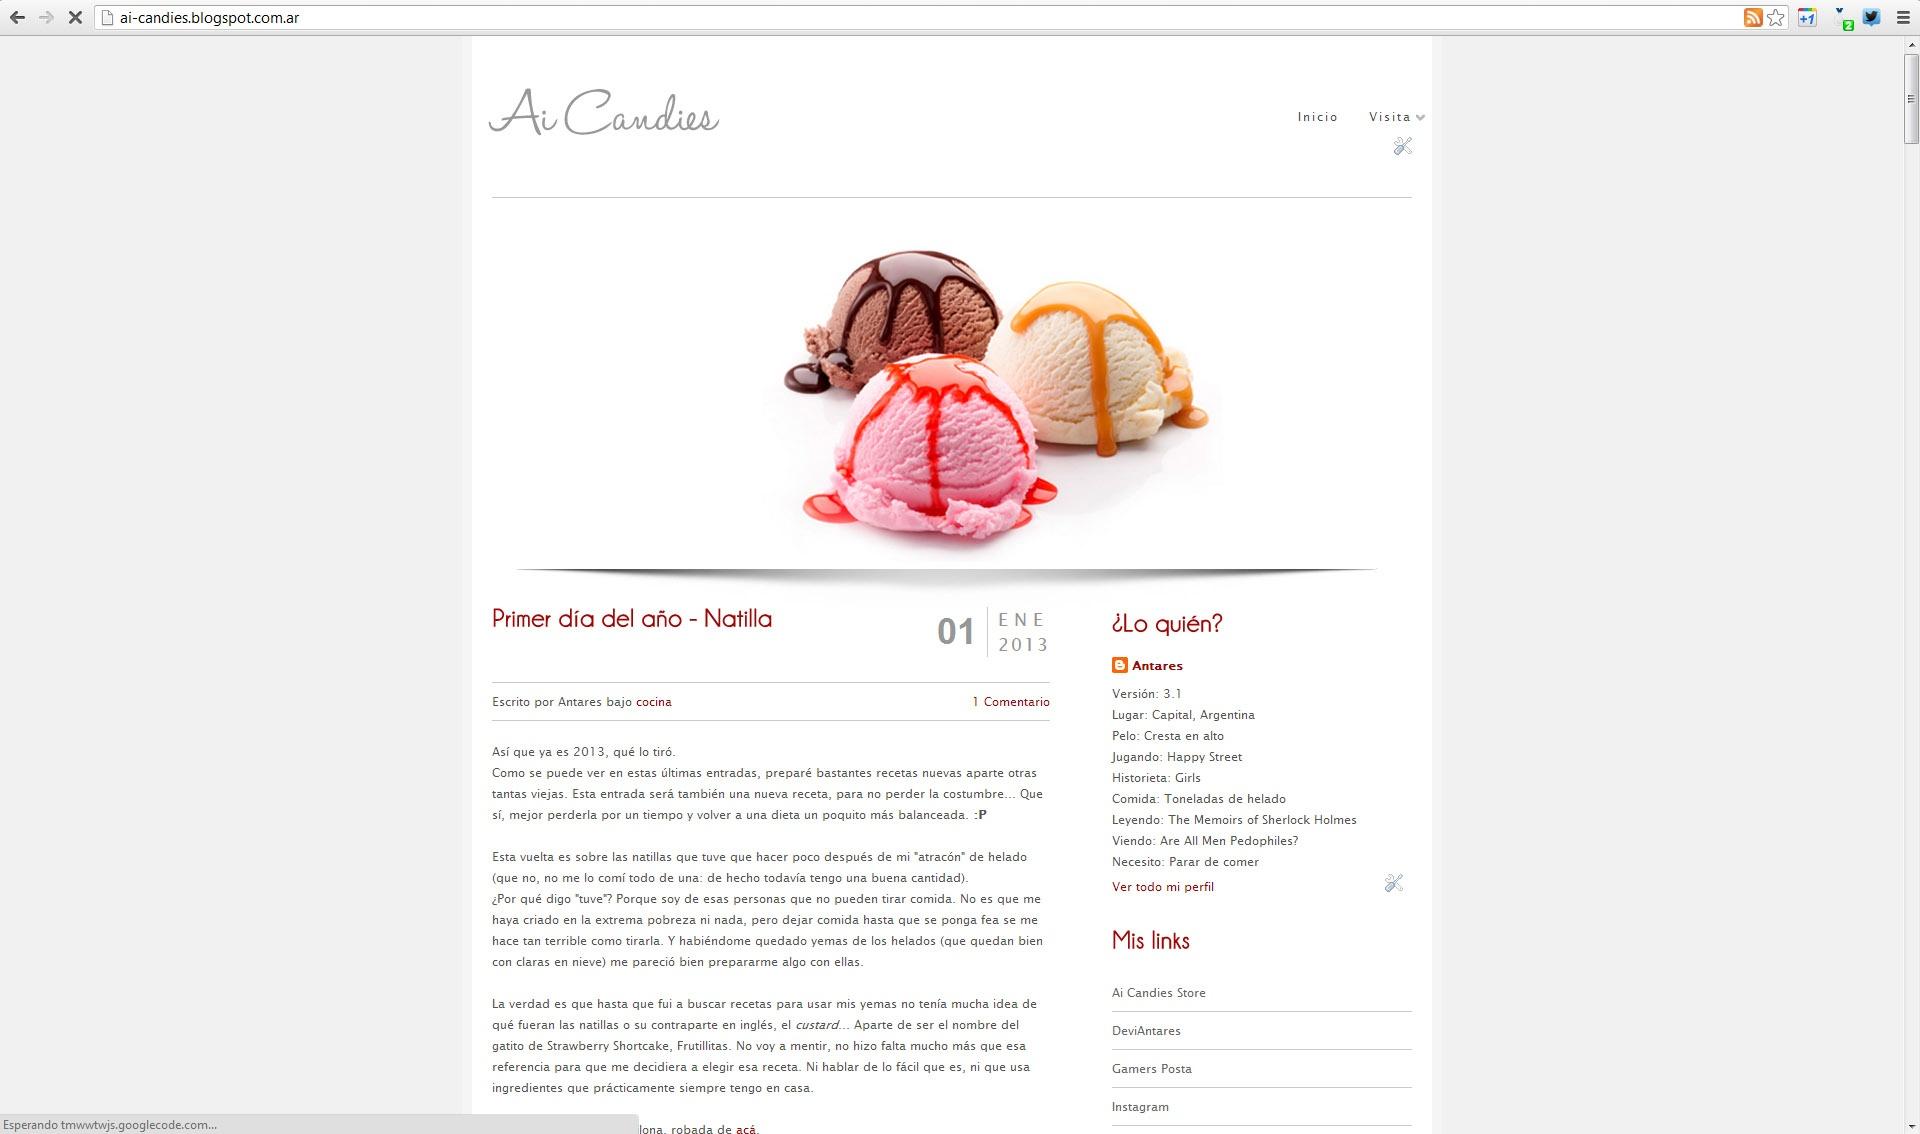 Captura de pantalla del blog de Ai Candies